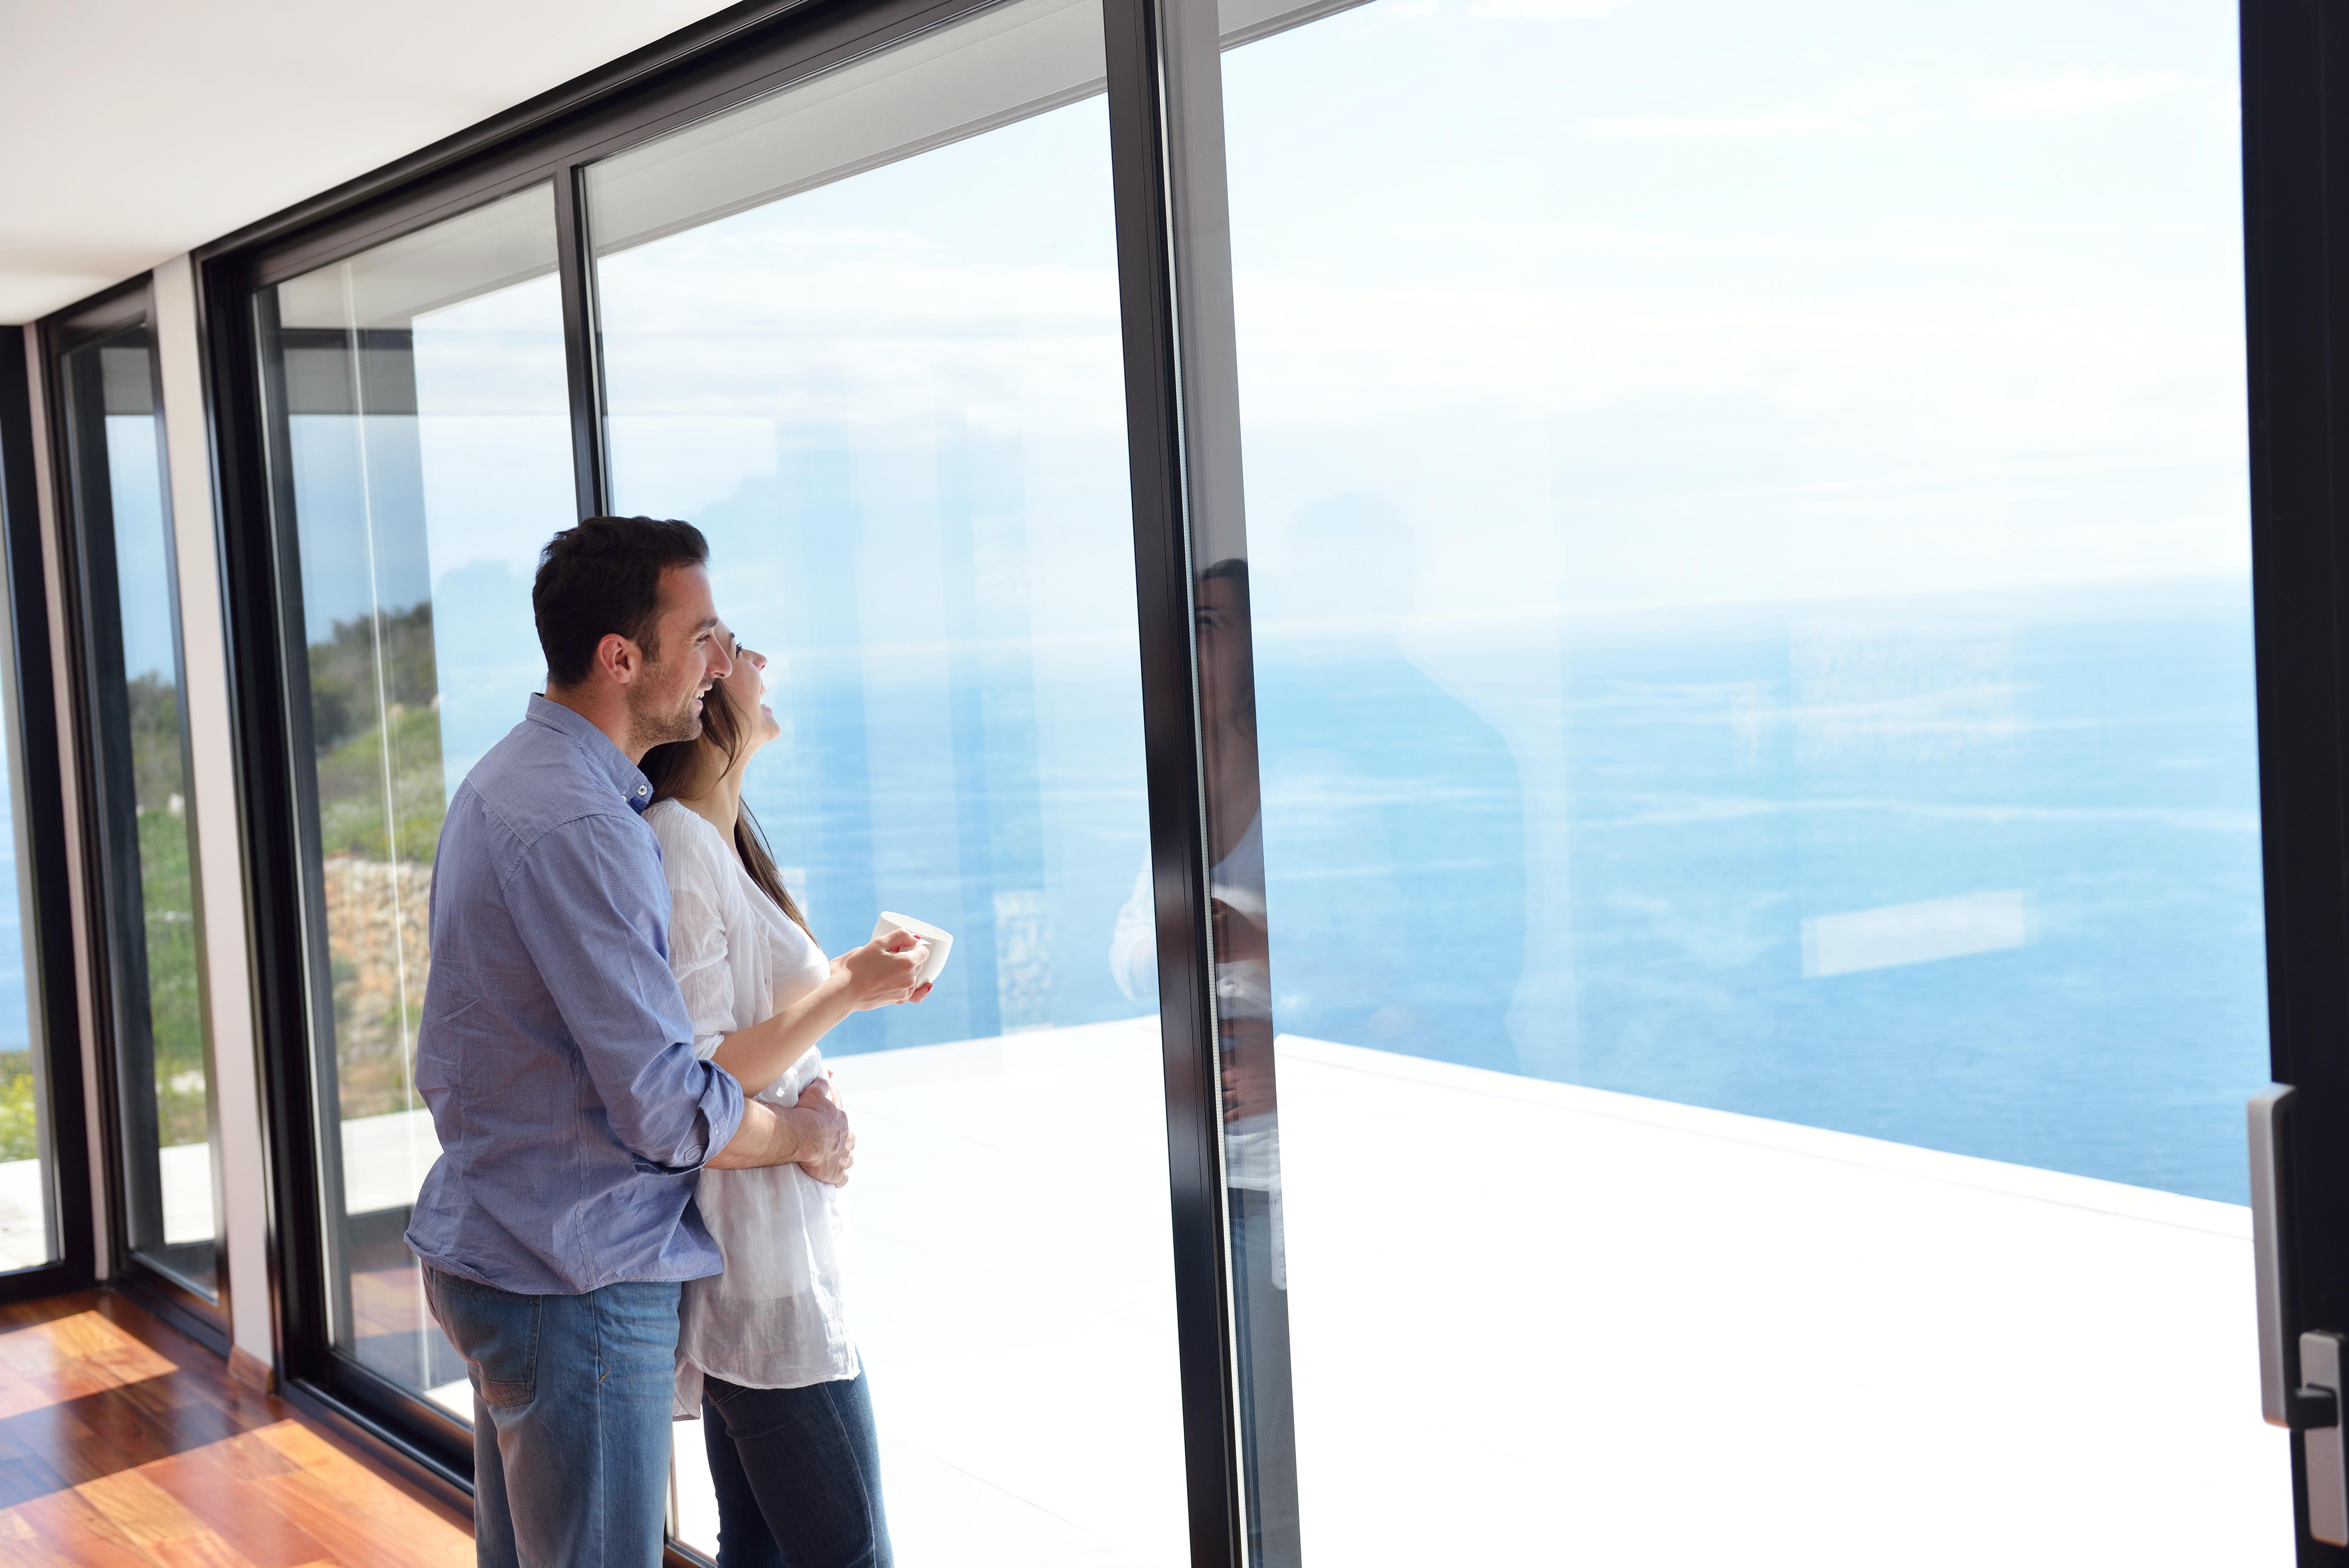 Apriamo una finestra sulle finestre for Finestre moderne della fattoria